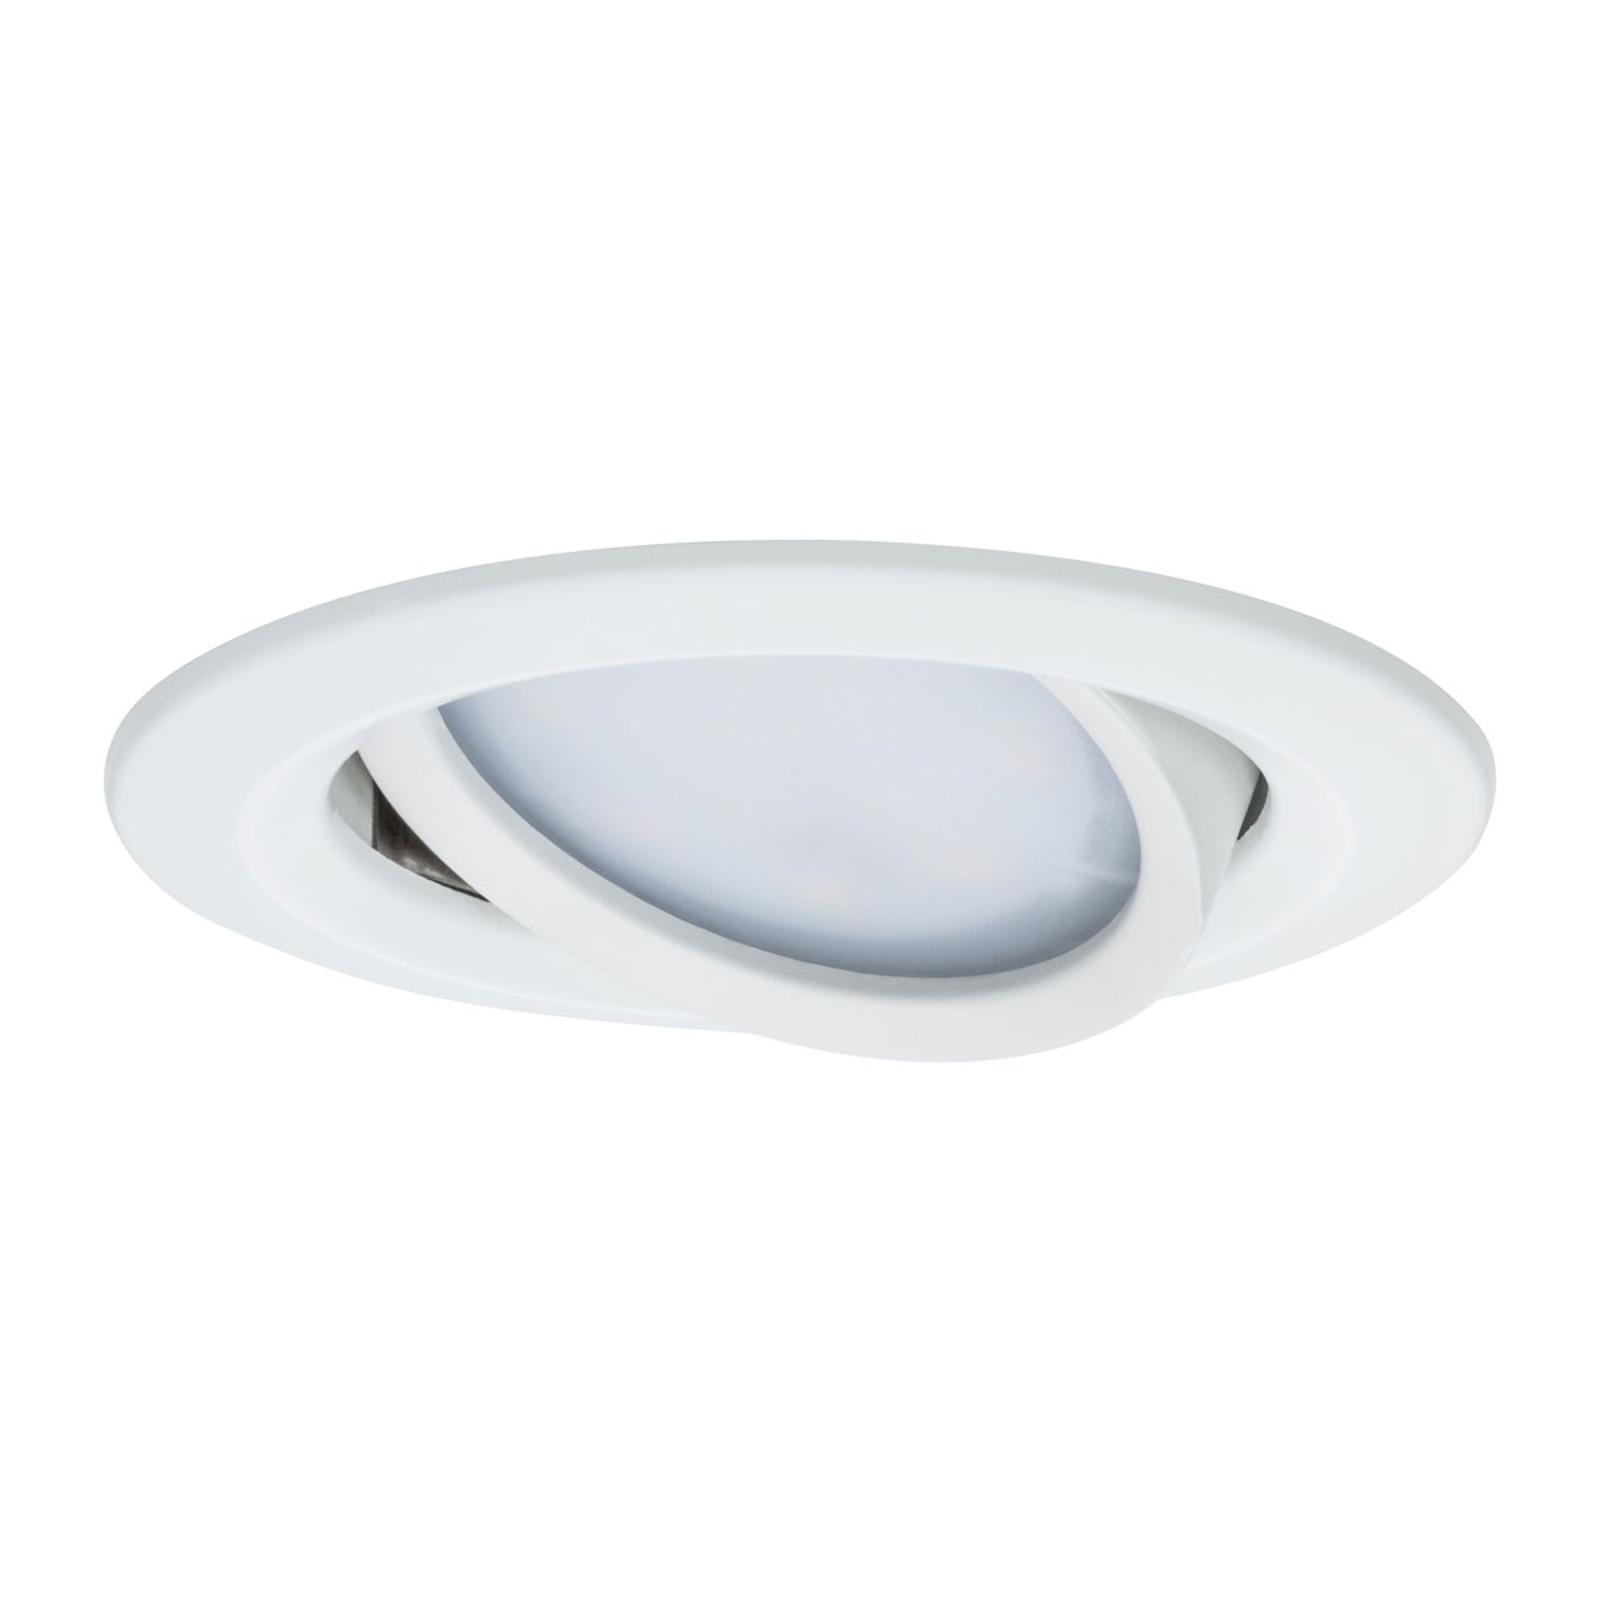 Paulmann Nova Plus lot de 3 spots LED rond blanc